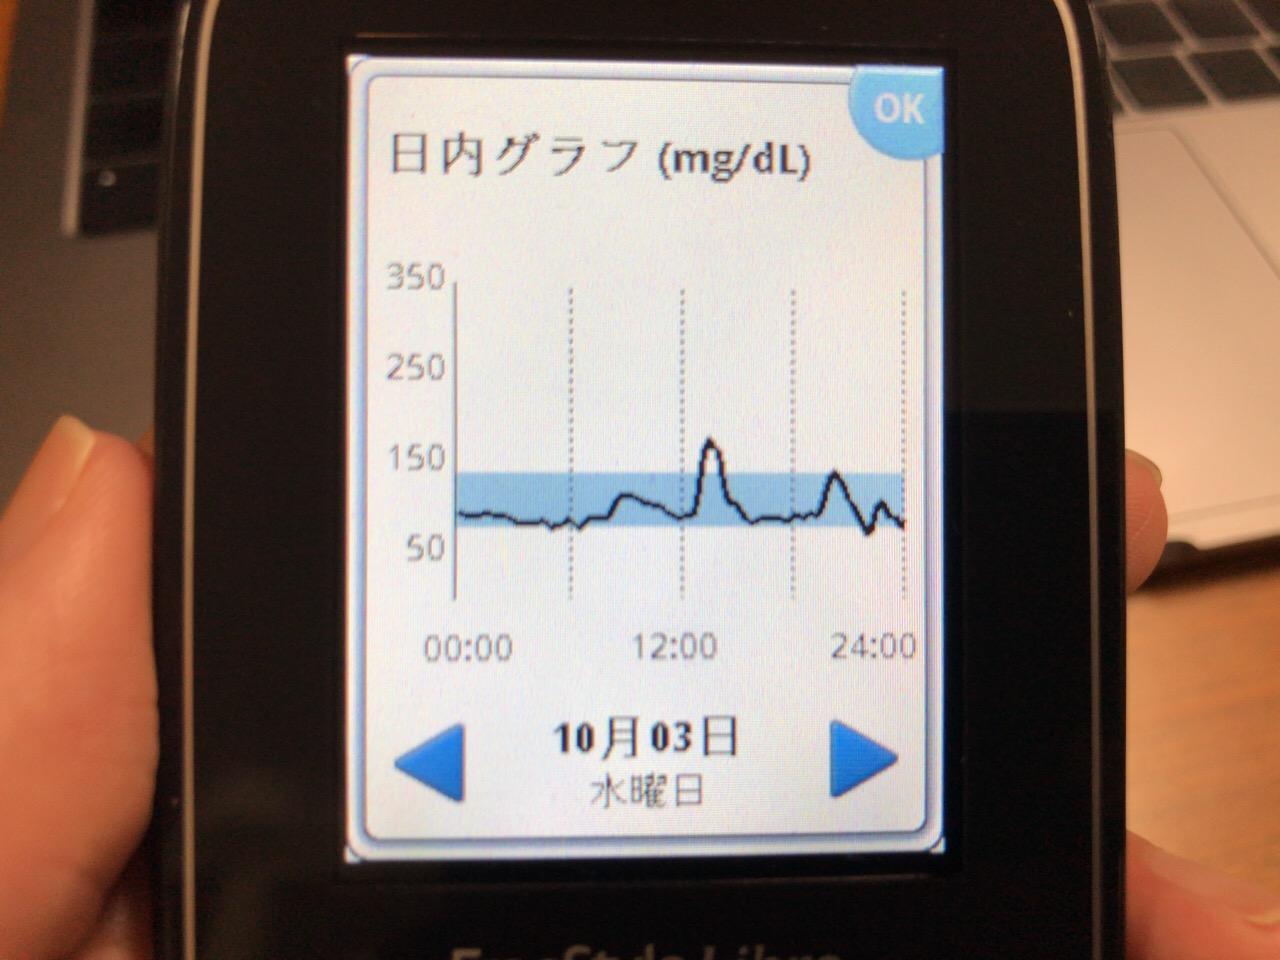 たった2枚のせんべいが驚くほど血糖値を上げて,その後の血糖変動で空腹感が狂った1日|糖尿病内科医のフリースタイルリブレ自己血糖記録